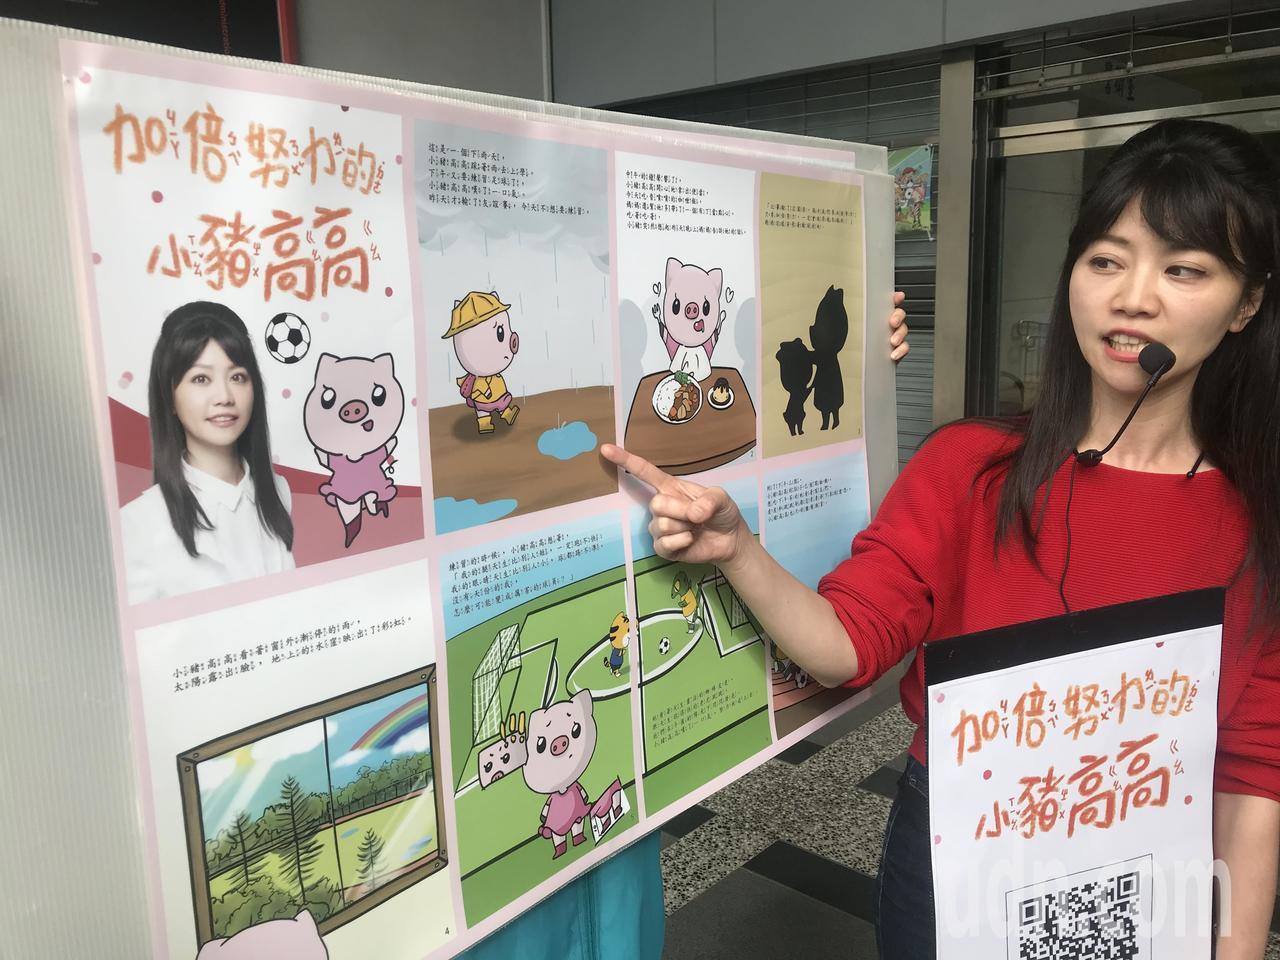 台北市立委第四选区参选人高嘉瑜下午前往市选委会登记参选,并公布给小朋友的绘本《加...